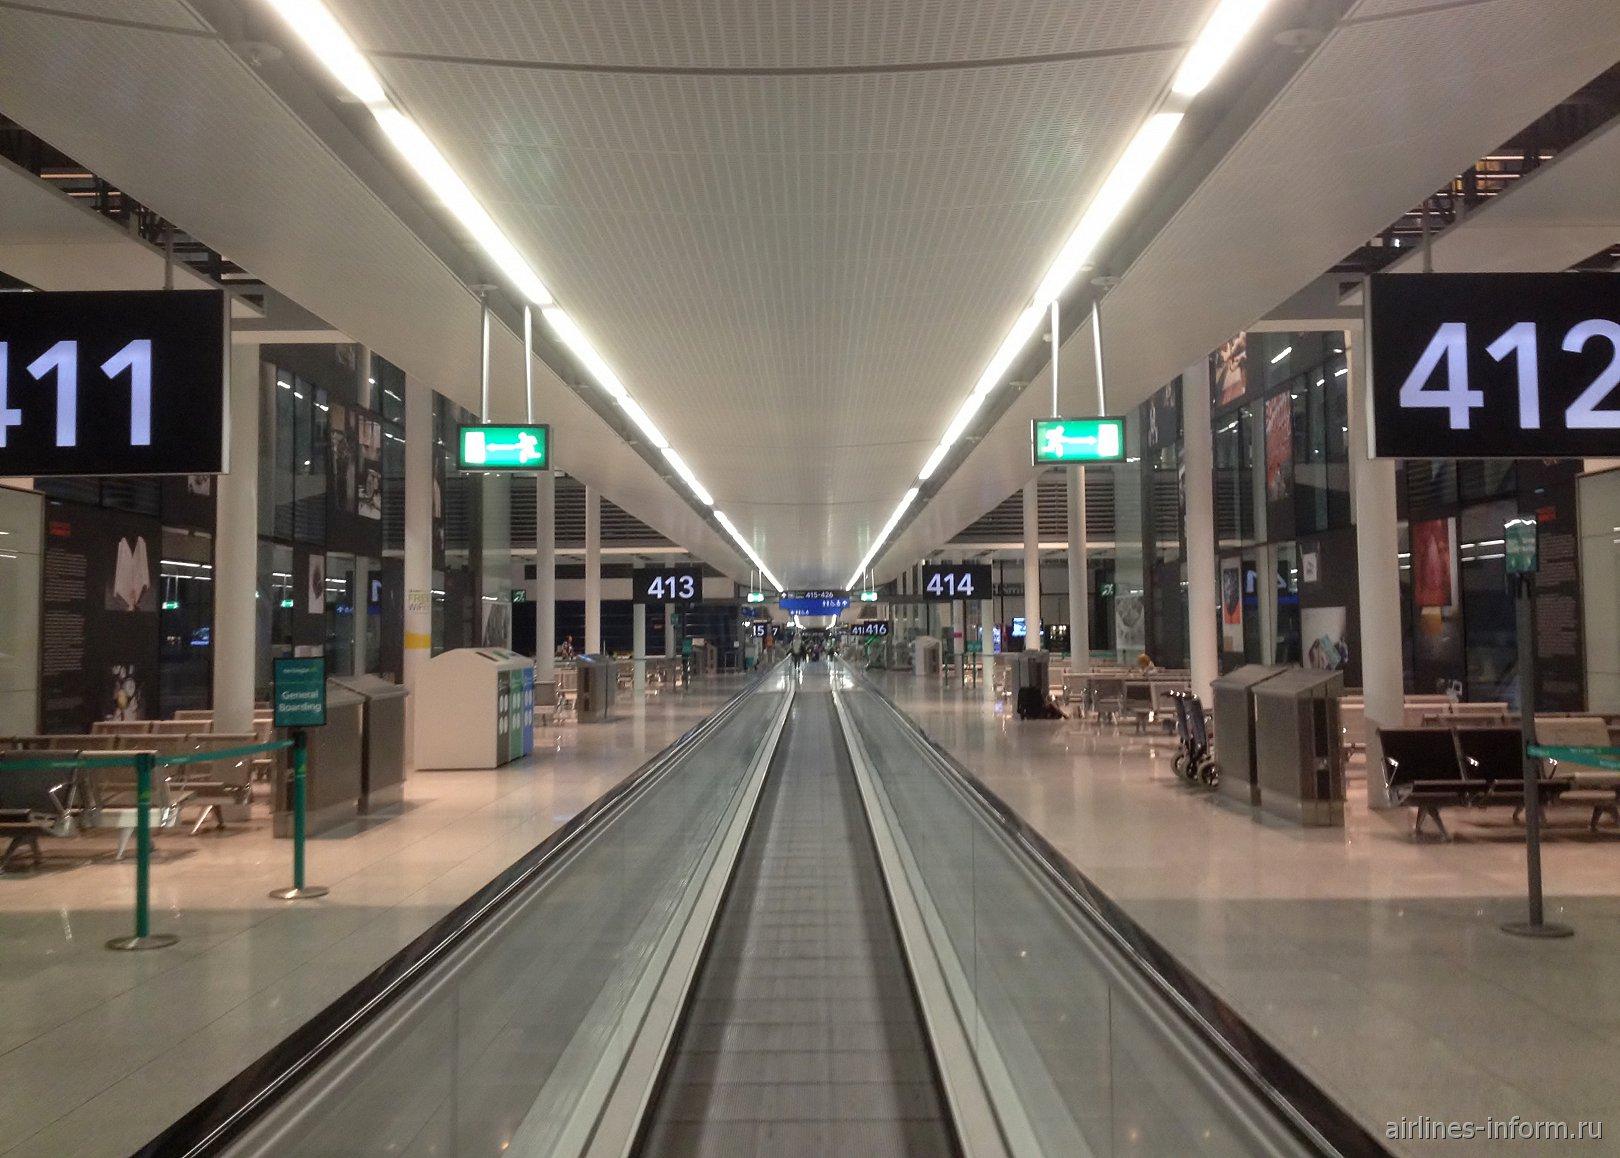 Южная посадочная галерея в терминале 2 аэропорта Дублин